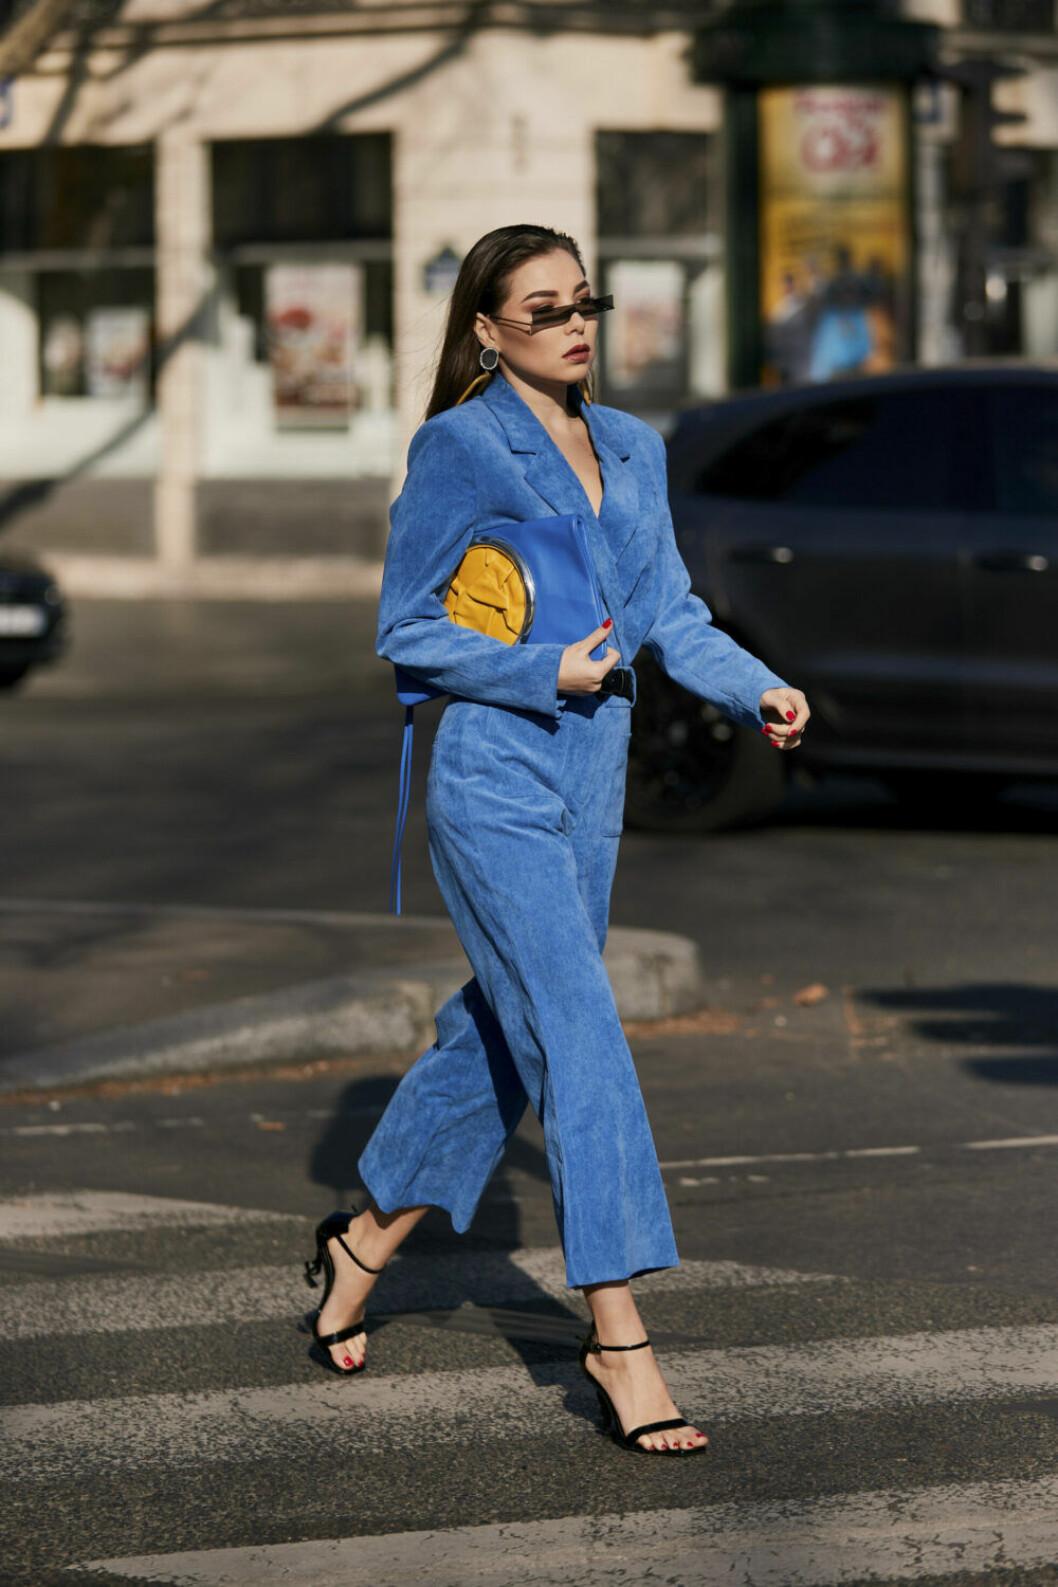 Streetstyle Paris FW, blått set och gul väska.